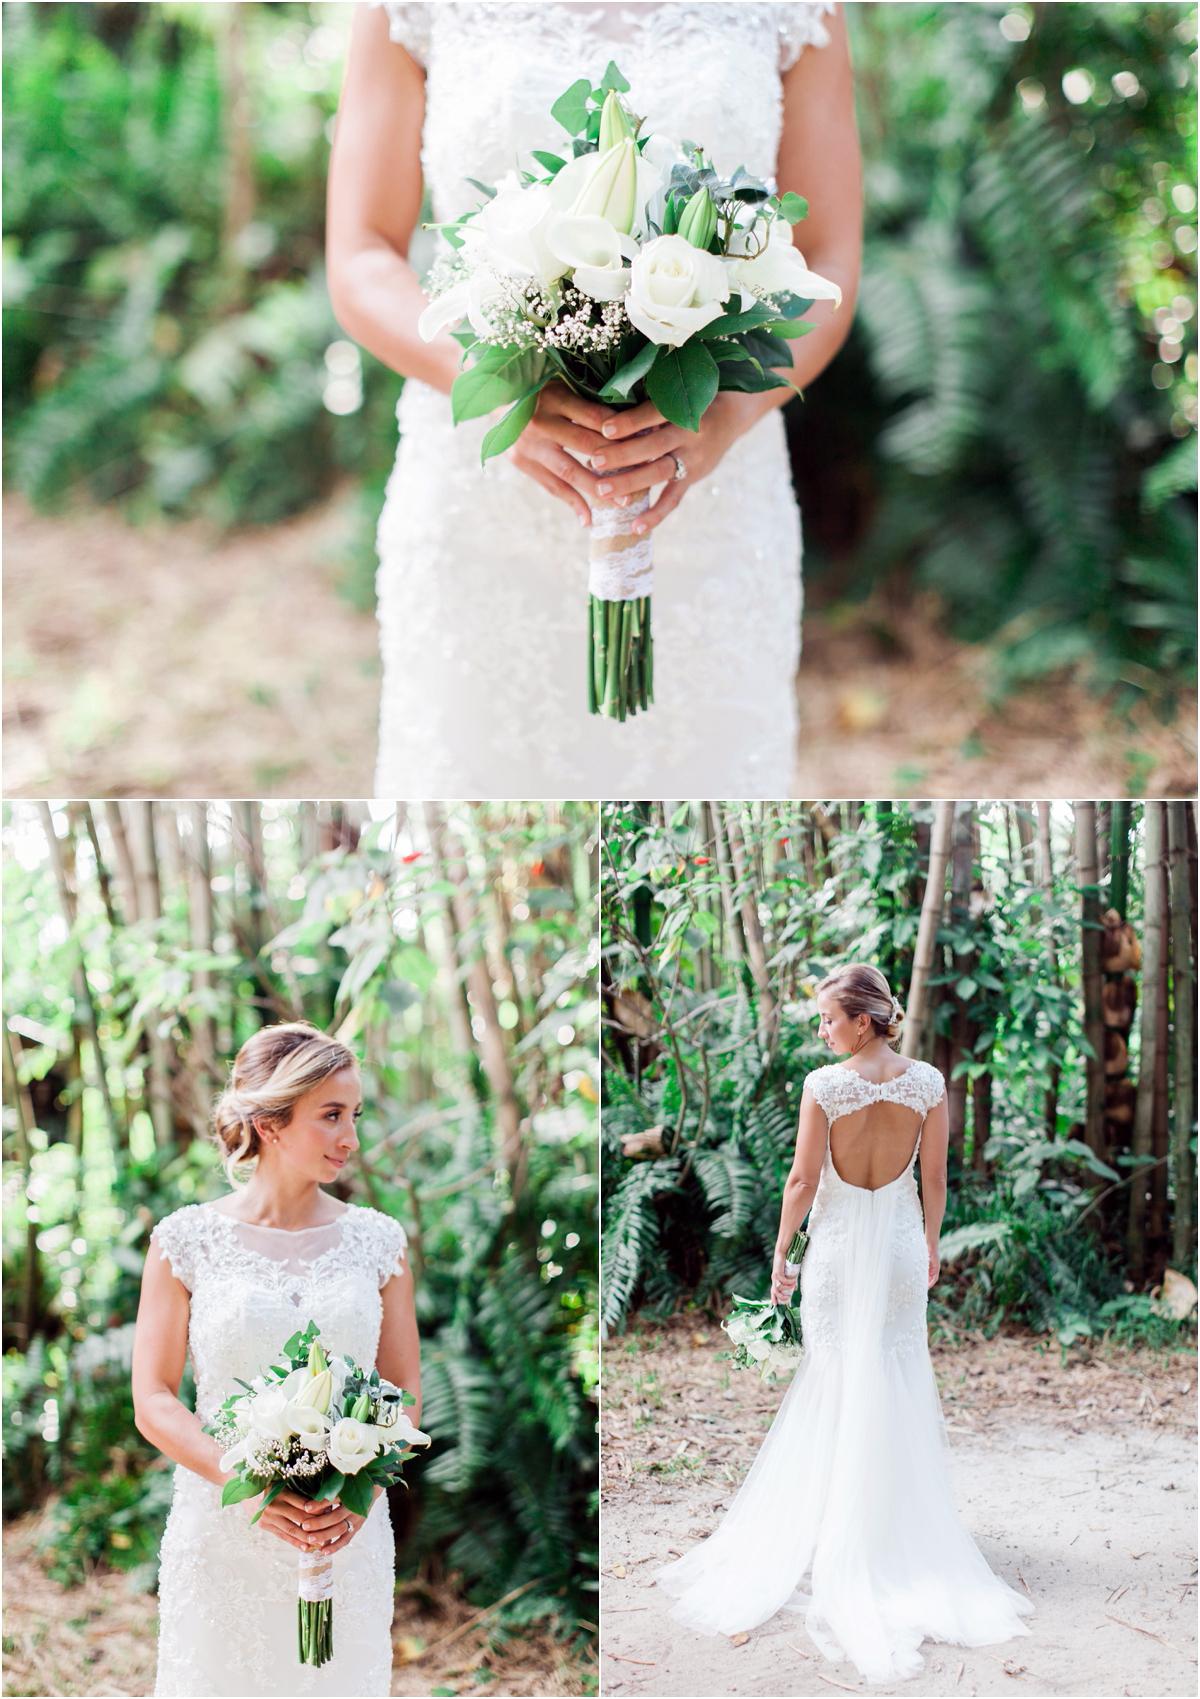 Waldos-Secret-Garden-Wedding-Photos-Vero_0016